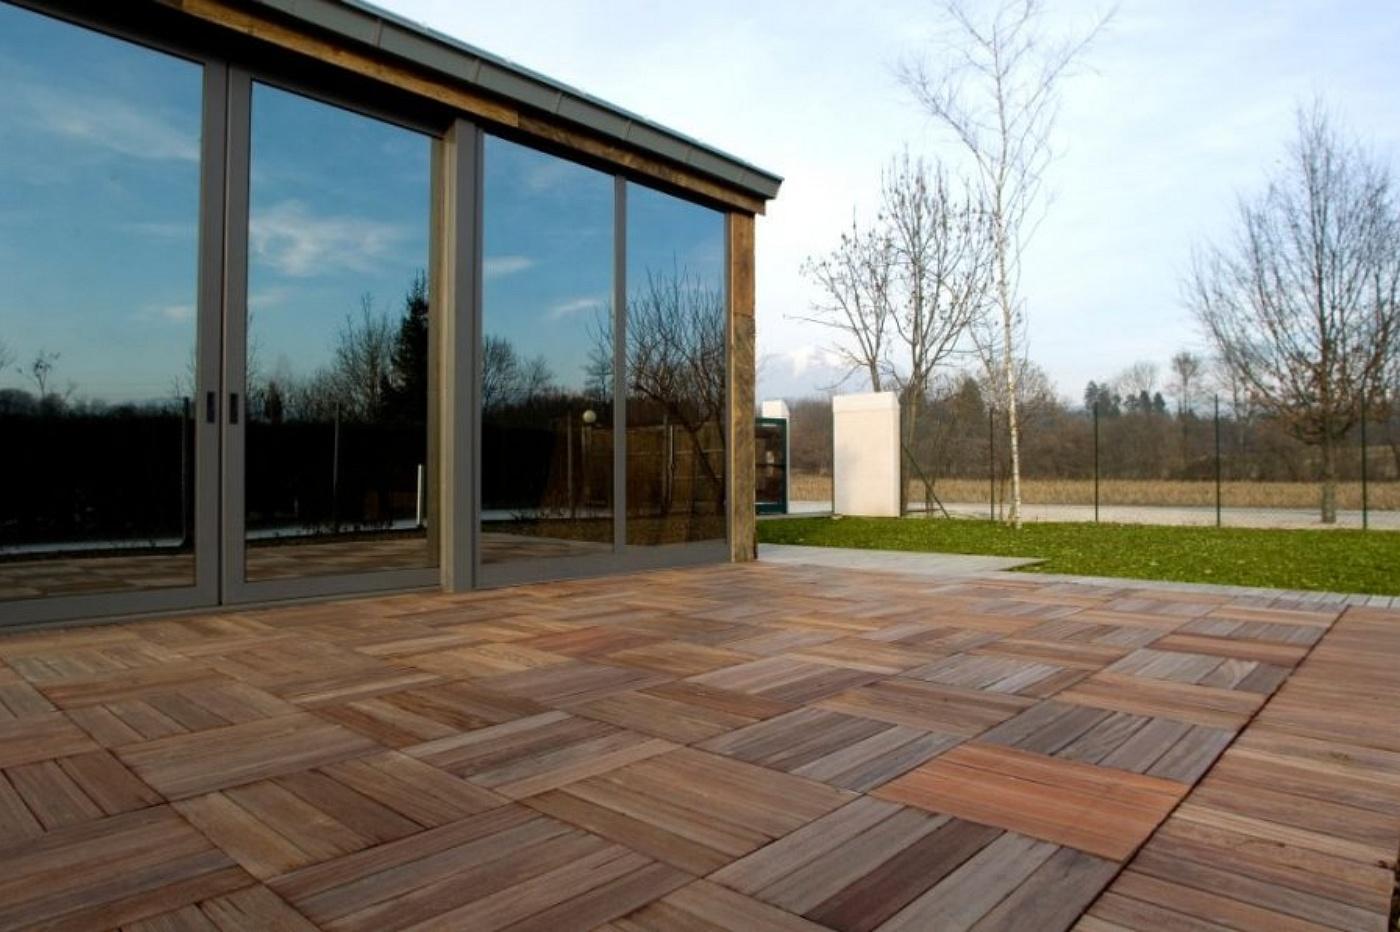 Pavimento teak pavimenti in legno per esterni pavimento in legno